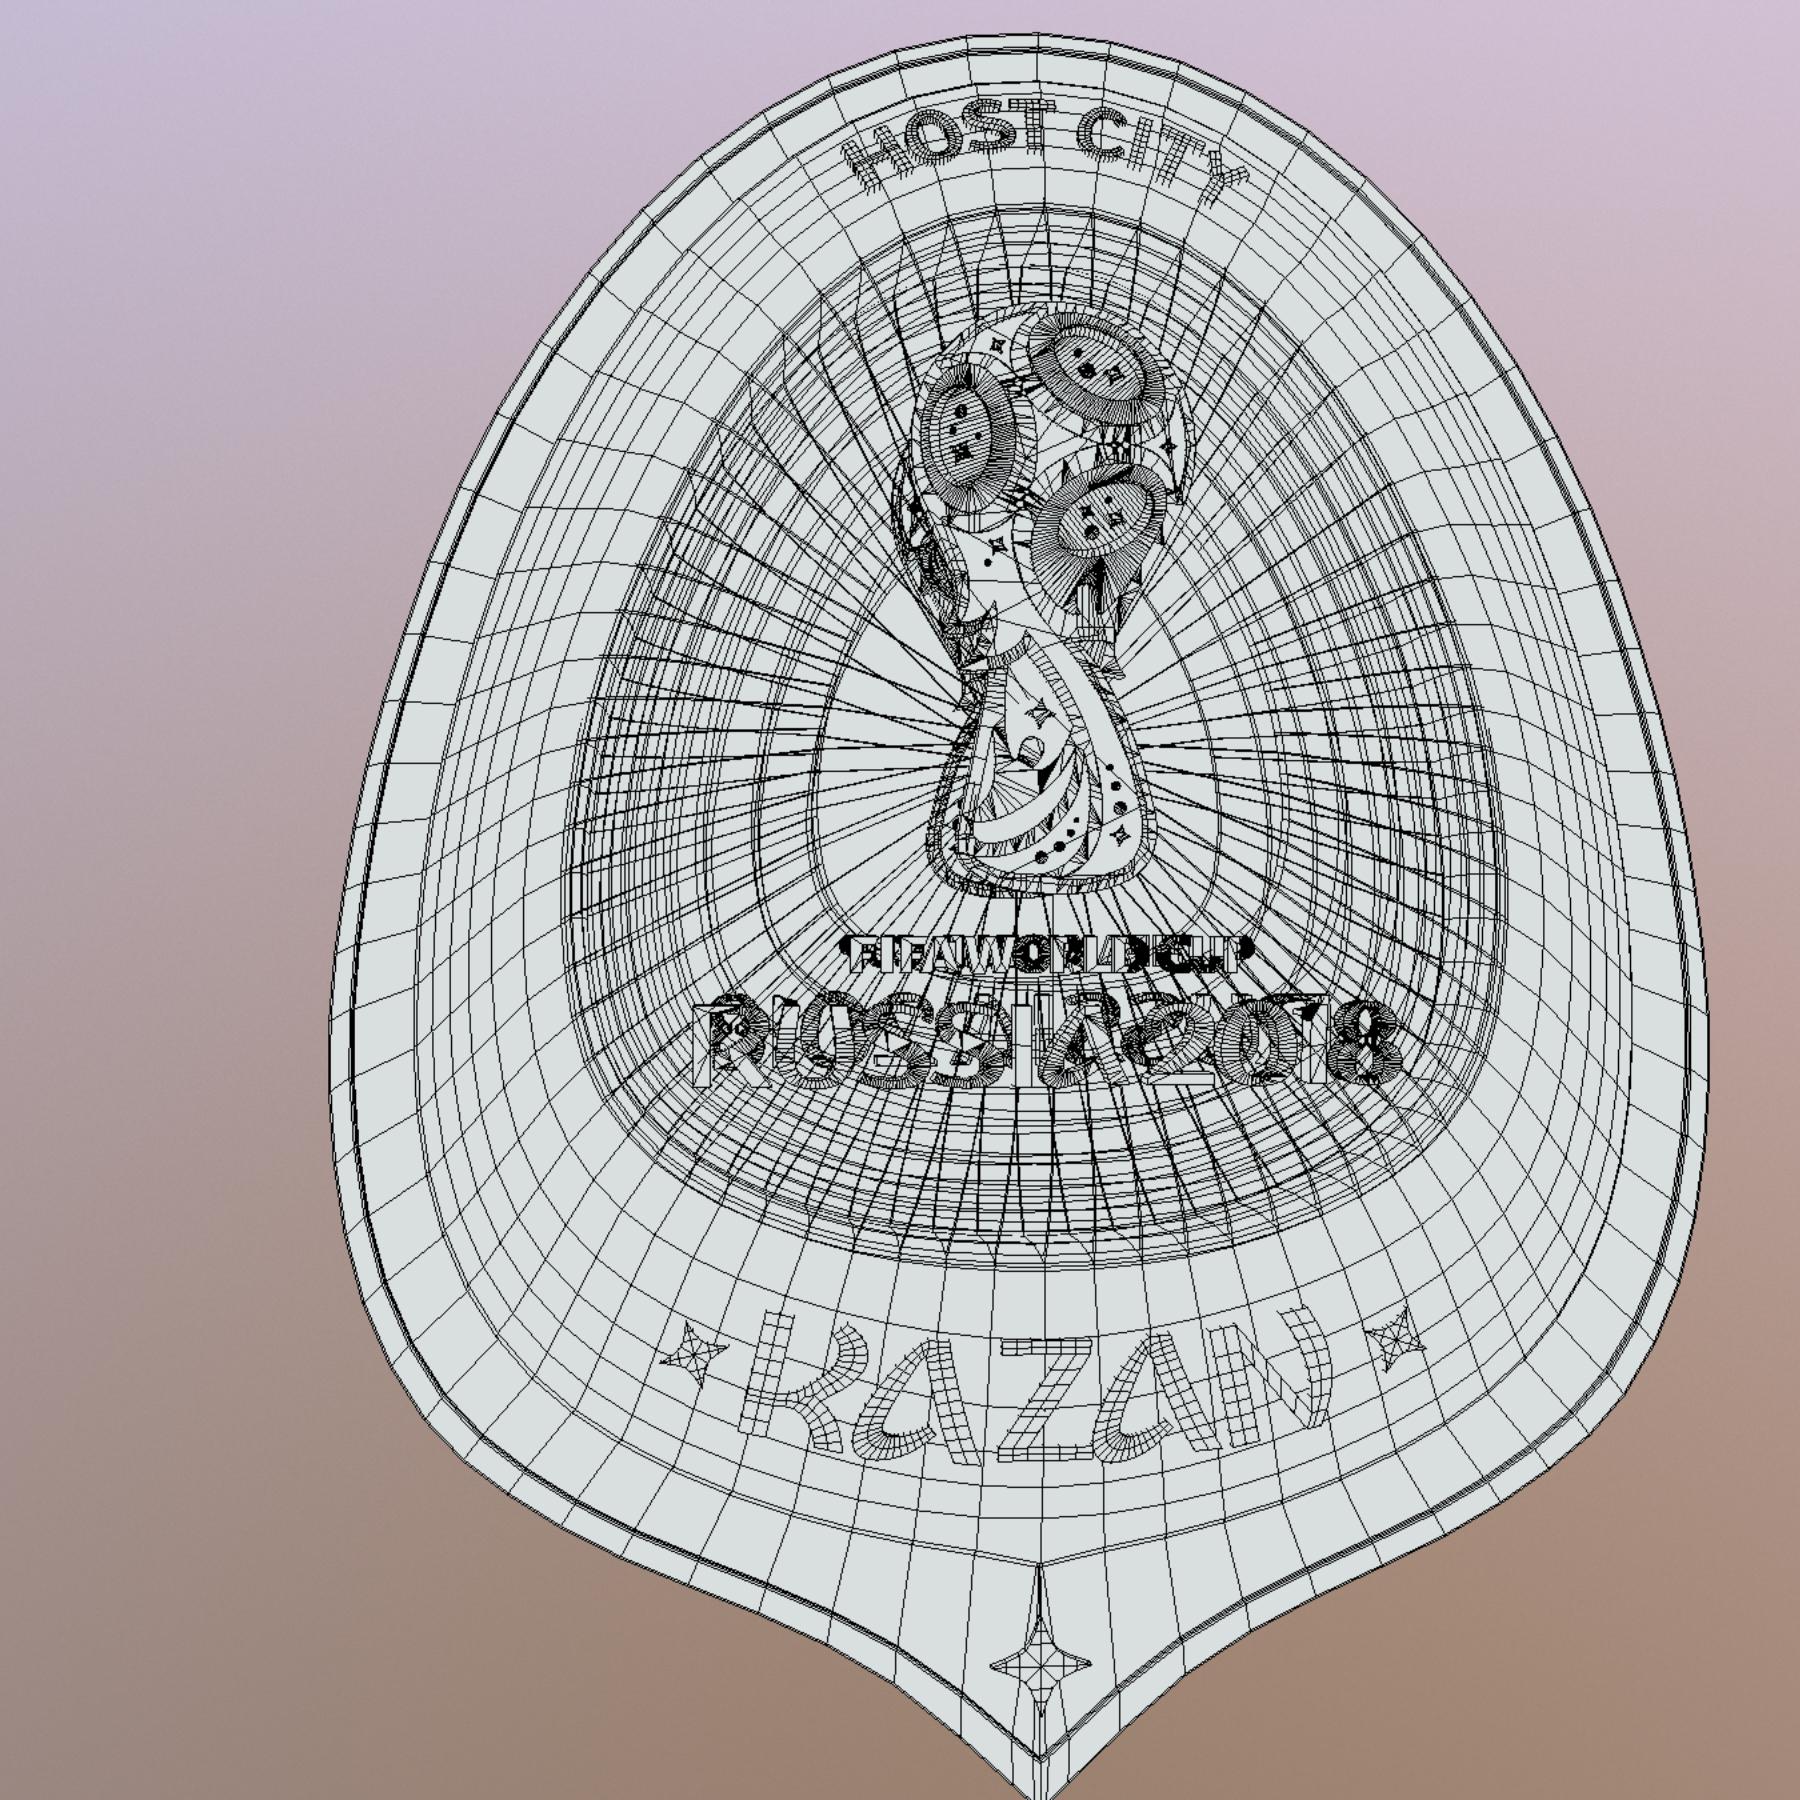 kazan host city world cup russia 2018 symbol 3d model max  fbx jpeg jpg ma mb obj 271704